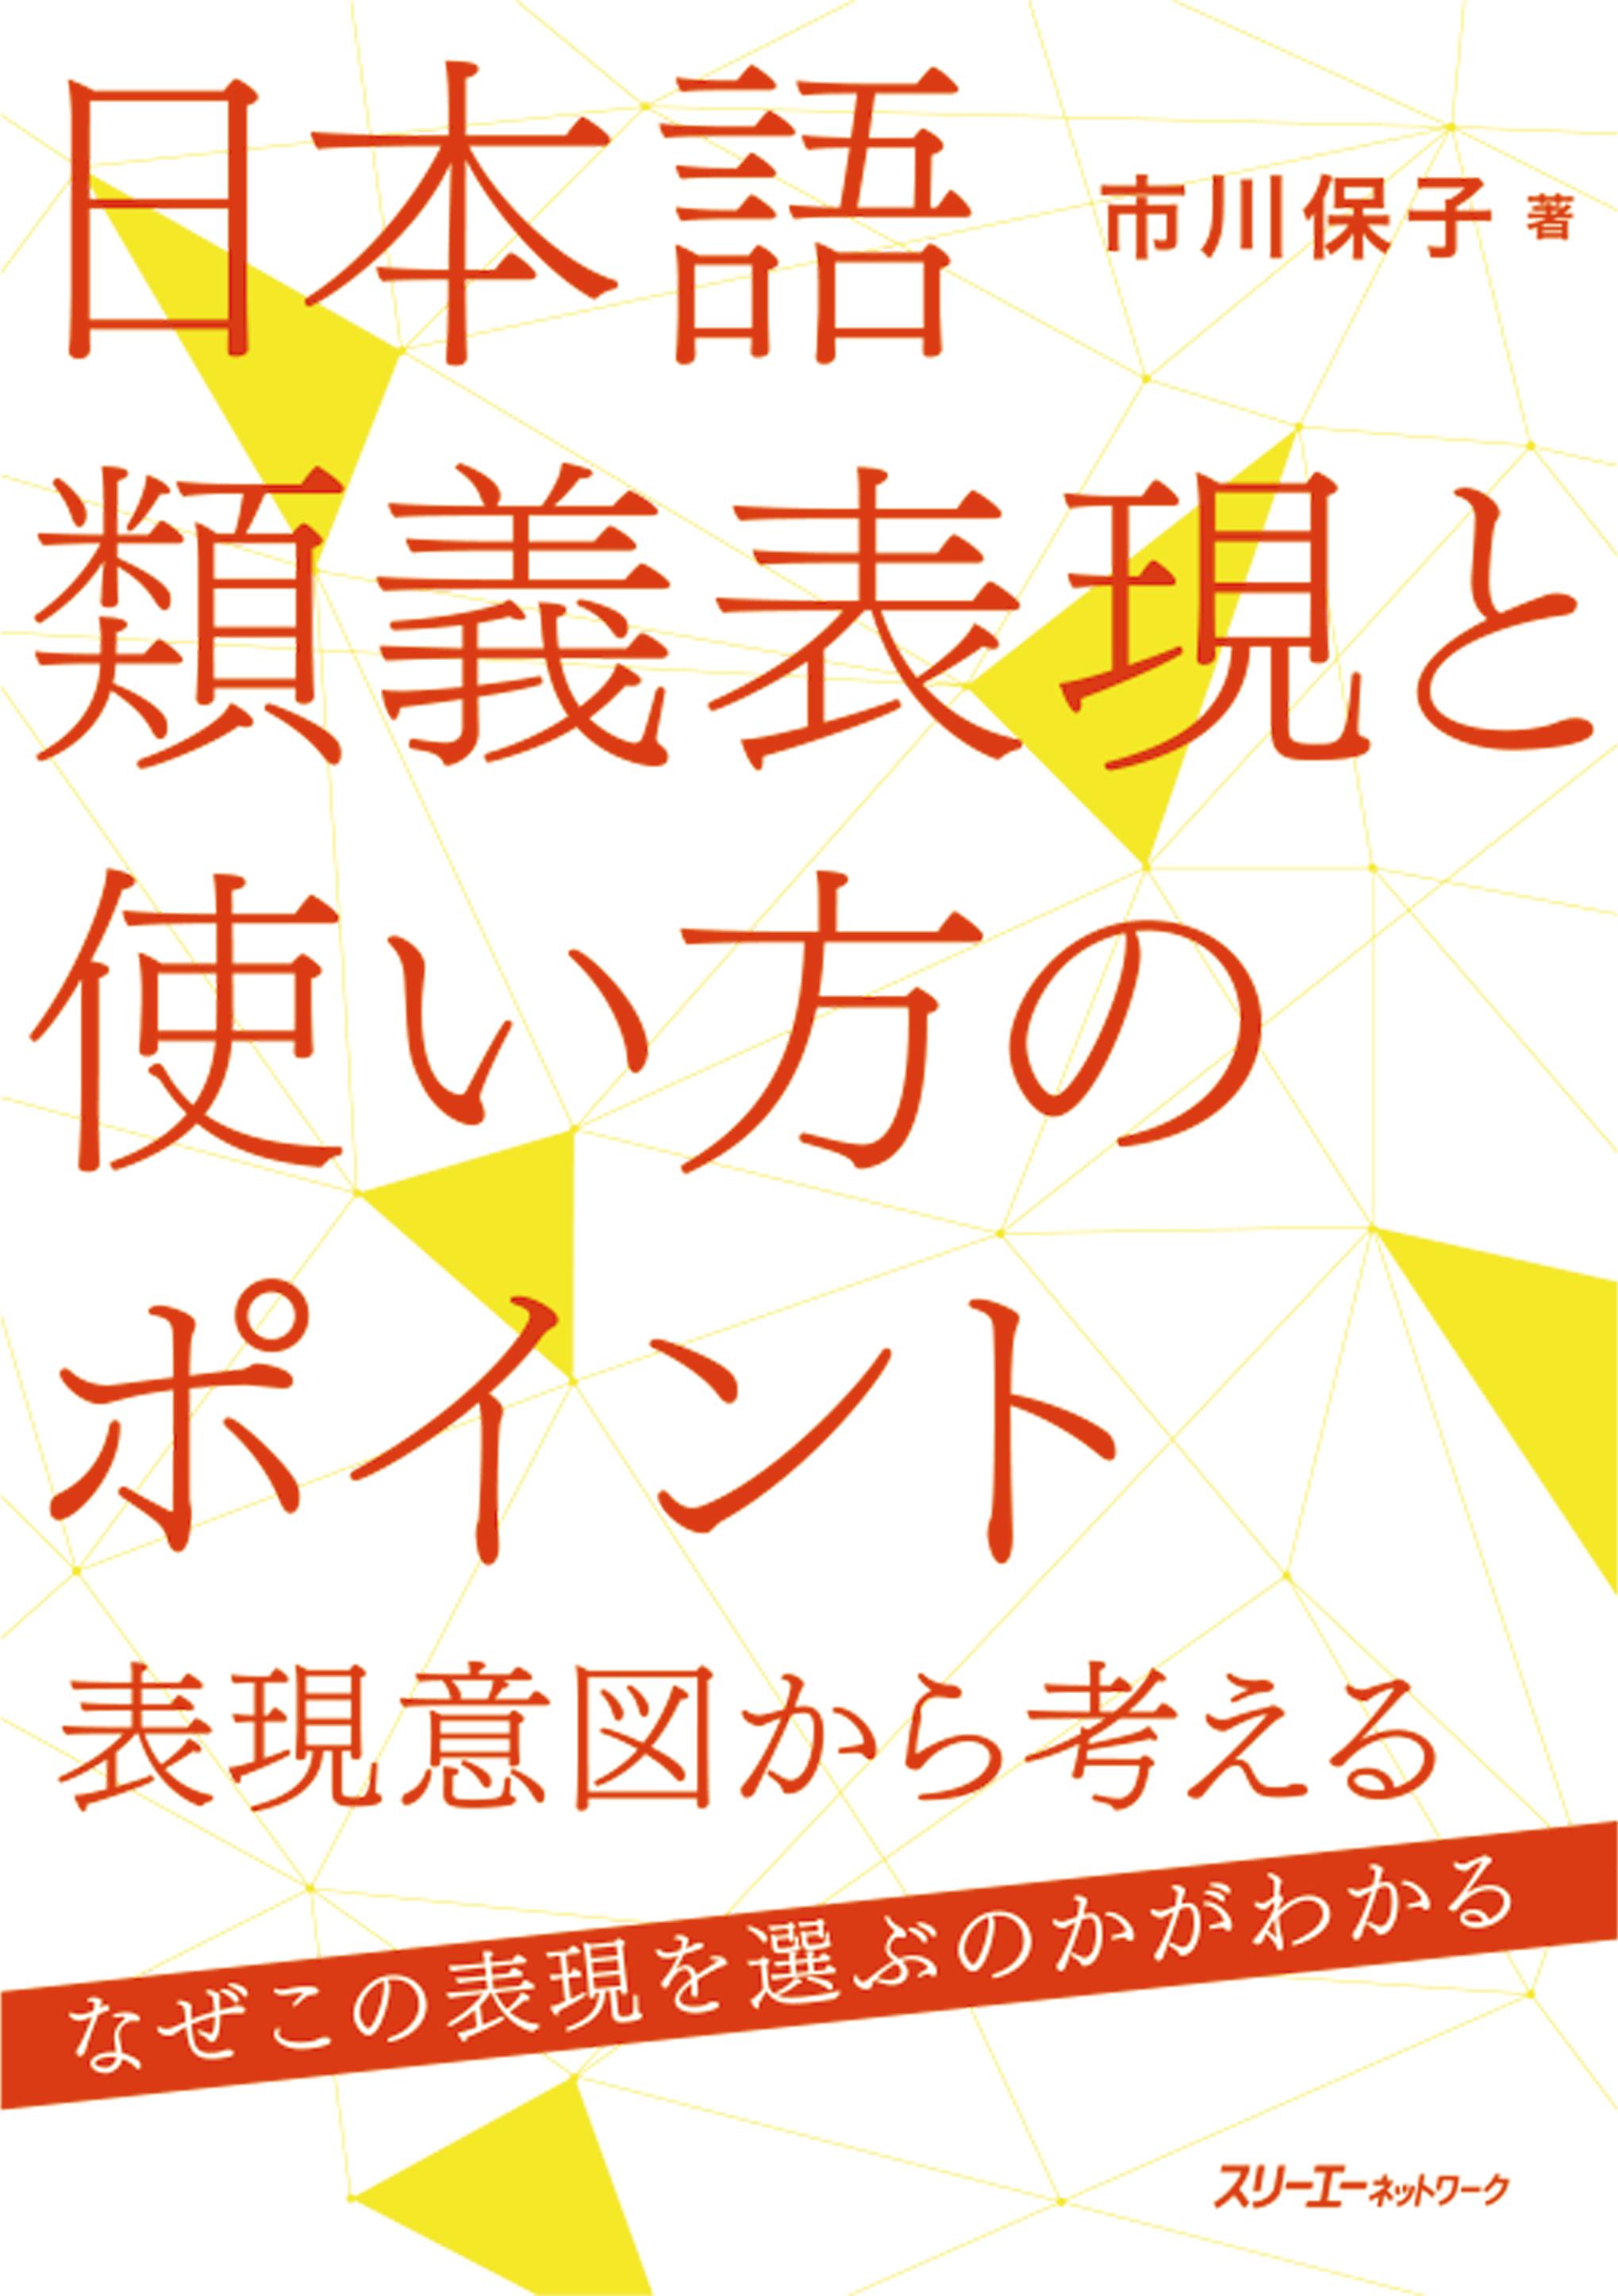 日本語類義表現と使い方のポイント-表現意図から考える-画像